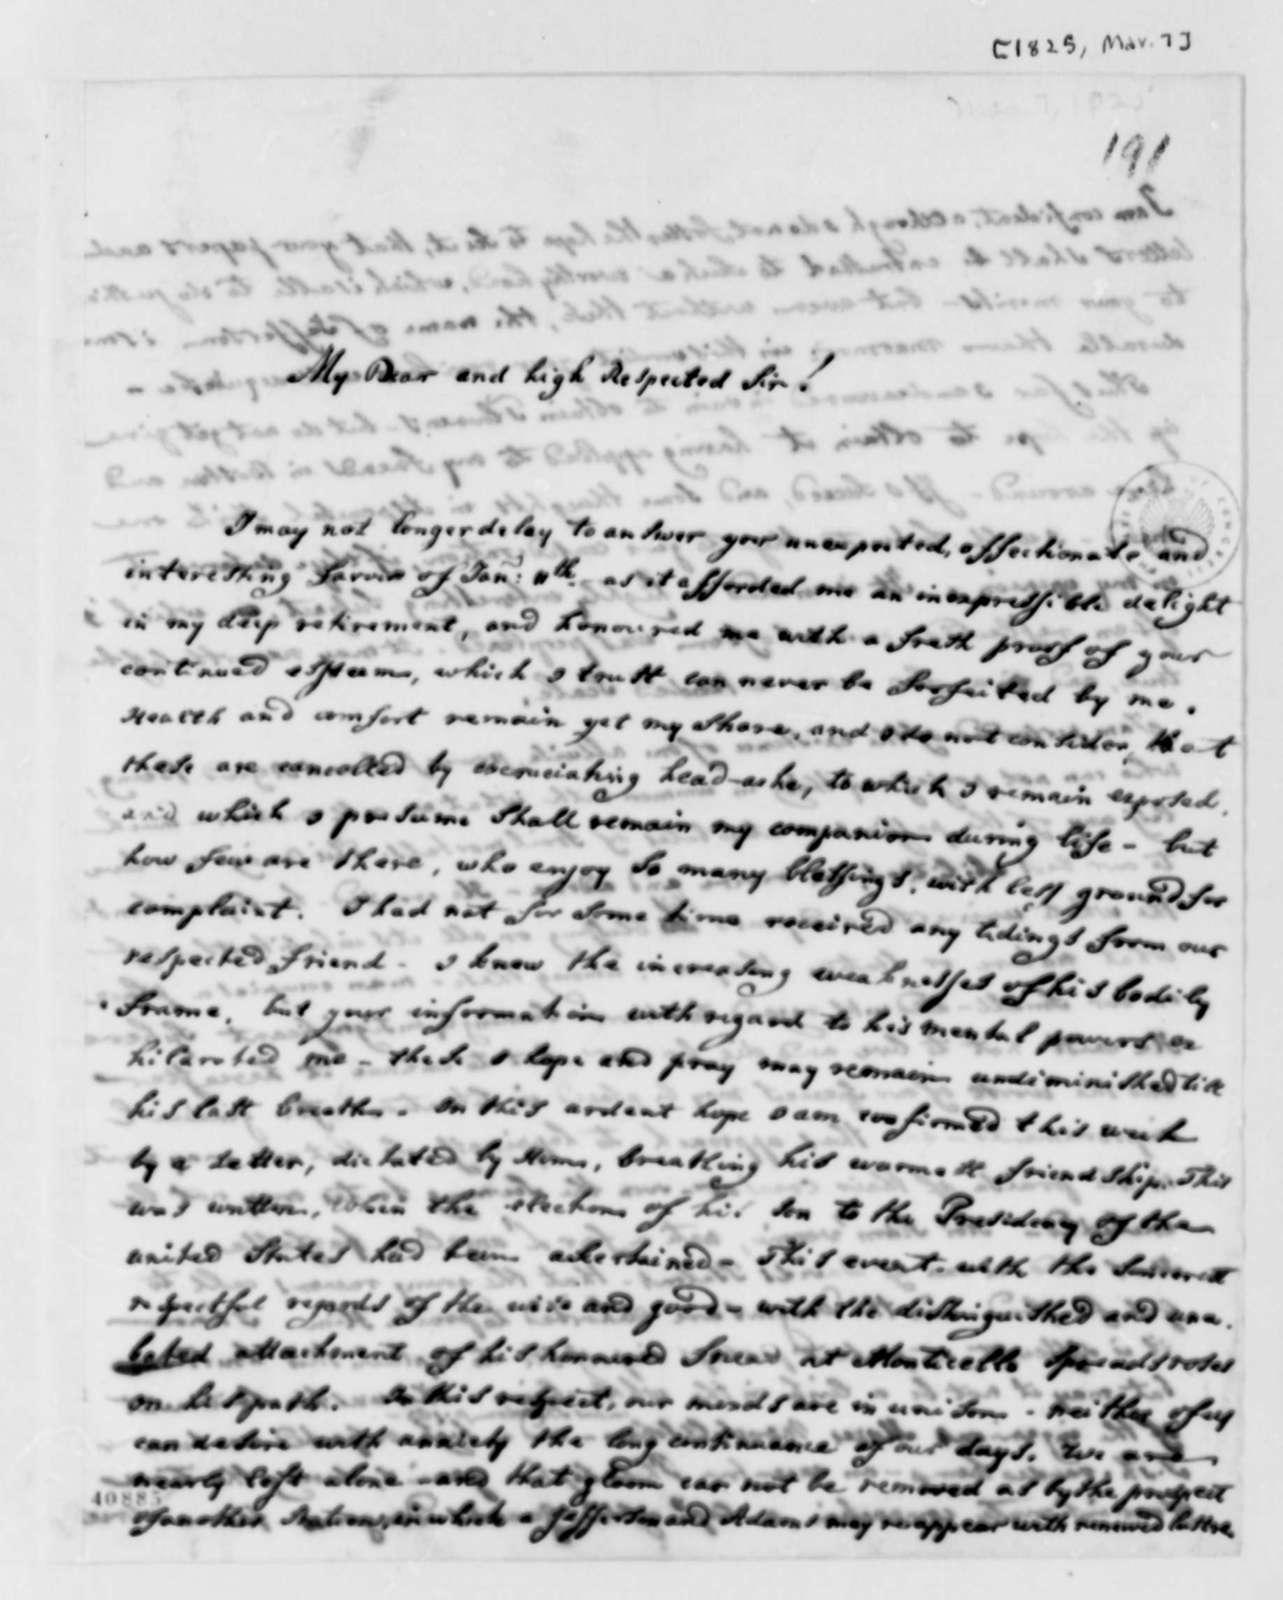 Francis A. van der Kemp to Thomas Jefferson, March 7, 1825